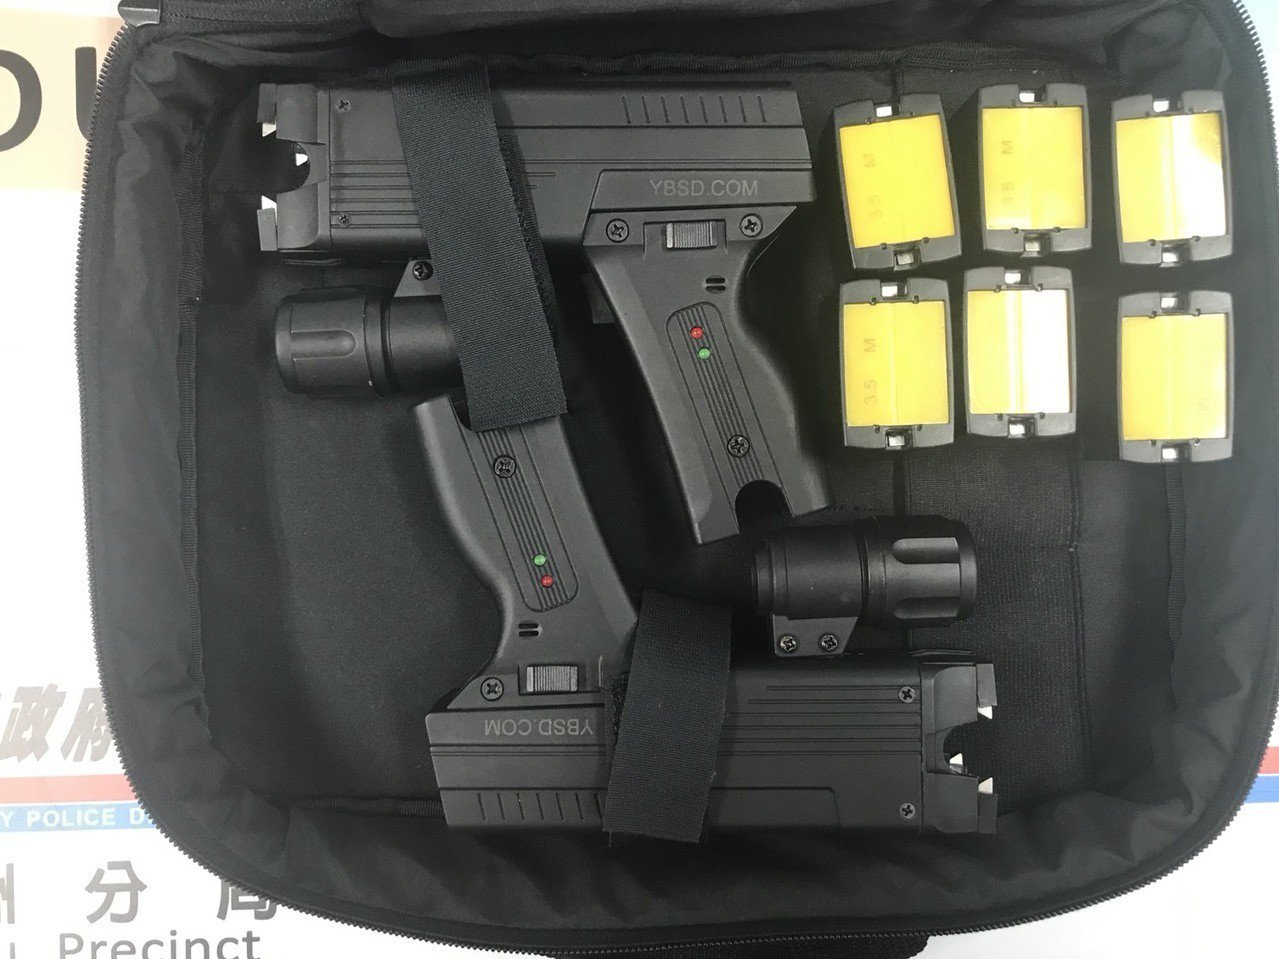 威力強大的電擊槍也是這個暴力討債集團的凶器。記者林昭彰/翻攝